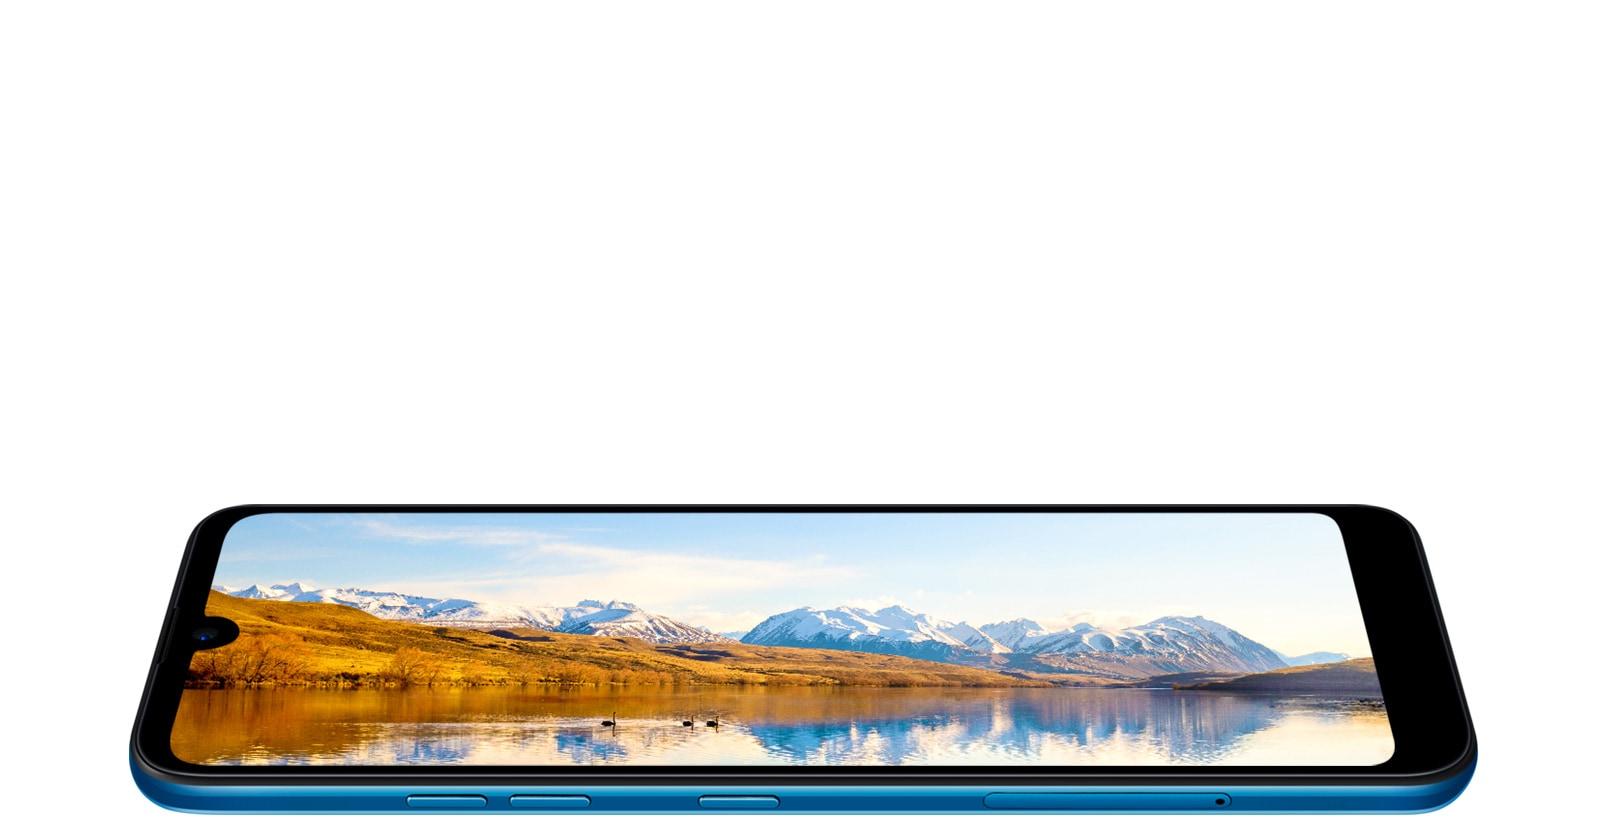 Amplia pantalla y bordes delgados